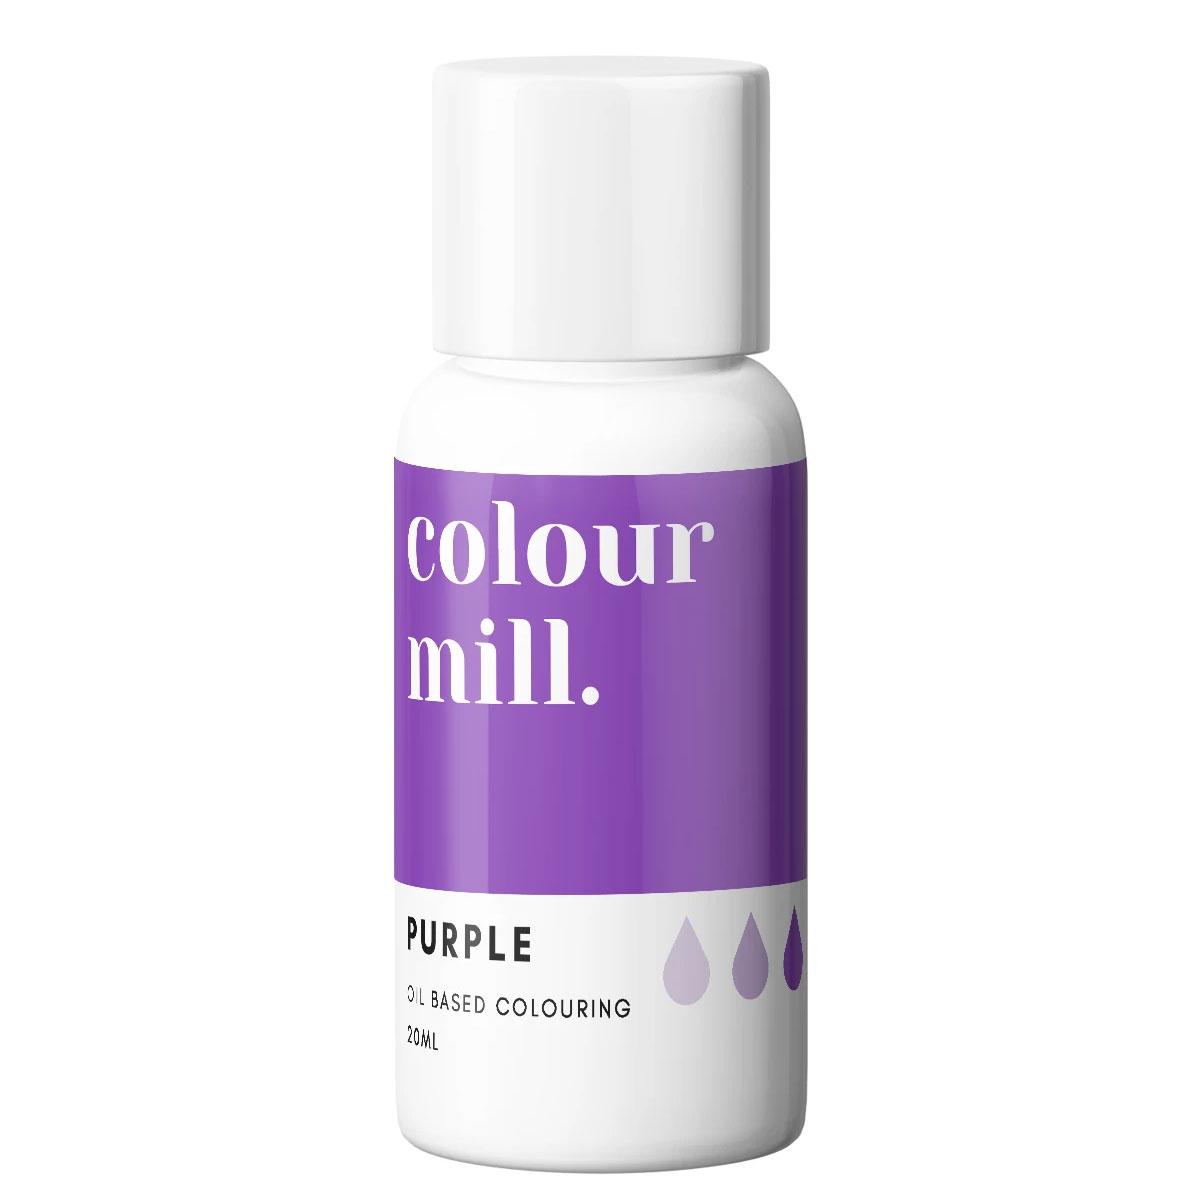 Colour Mill fettlösliche Lebensmittelfarbe - Purple 20ml